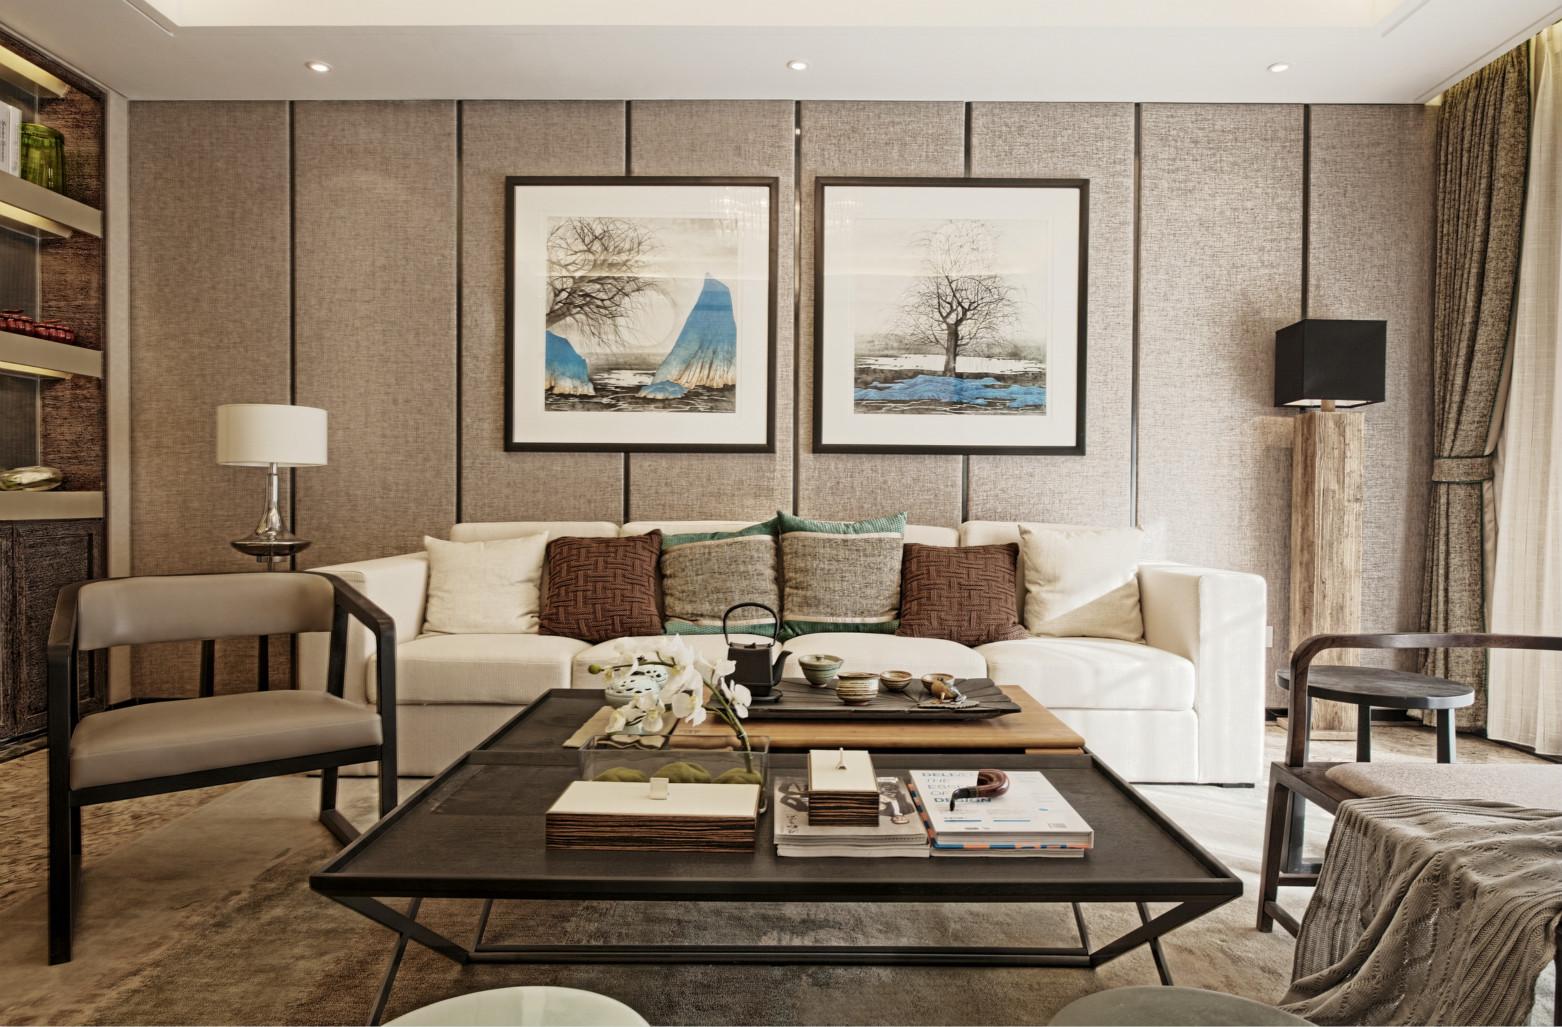 整体客厅空间十分敞亮,除了基本的沙发、茶几等客厅家具,业主没再放其他家具